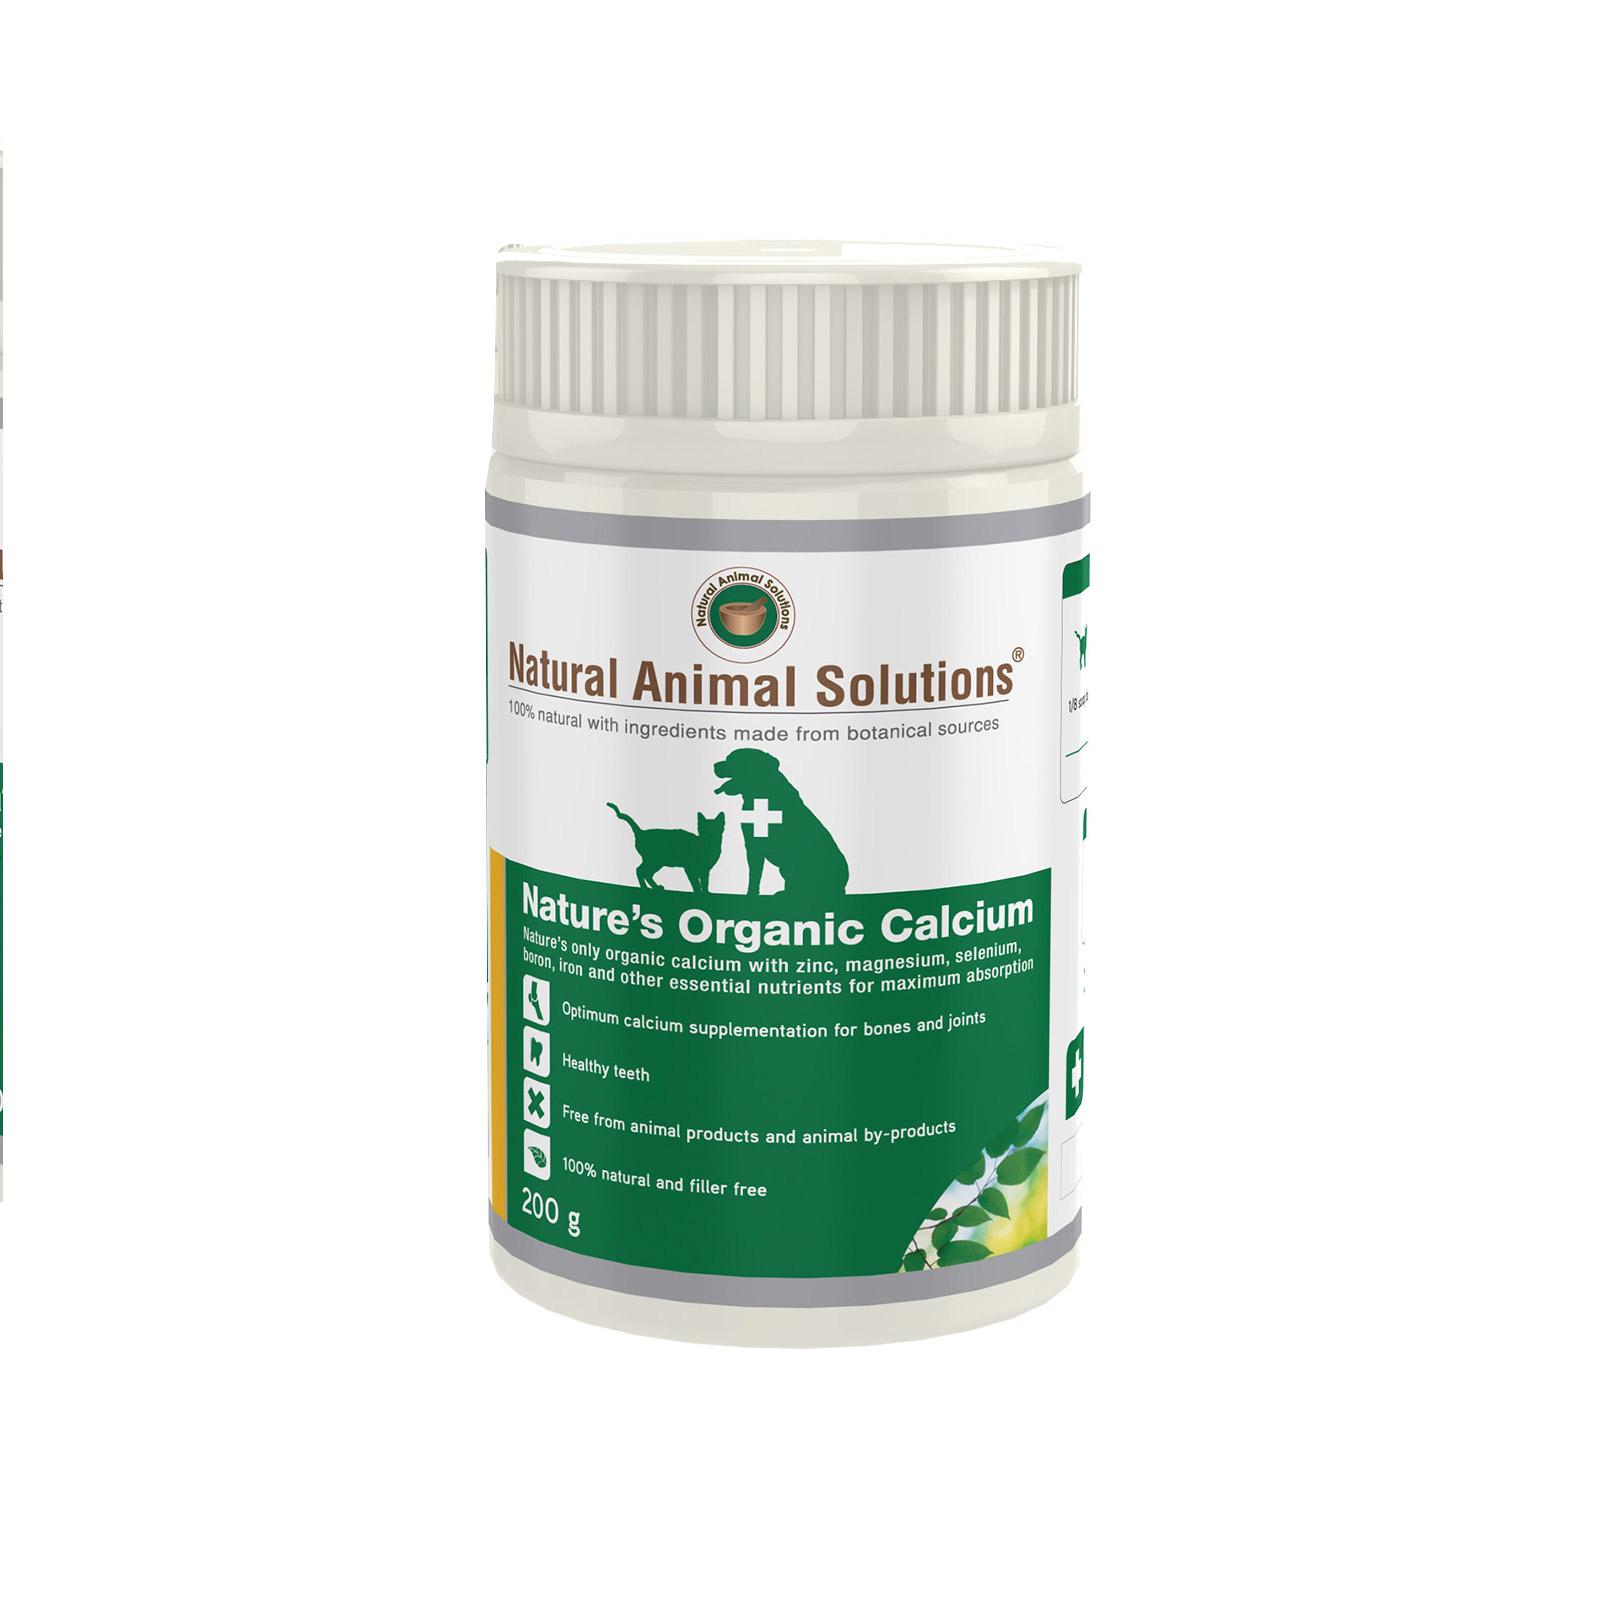 Natural Animal Solutions - Nature's Organic Calcium